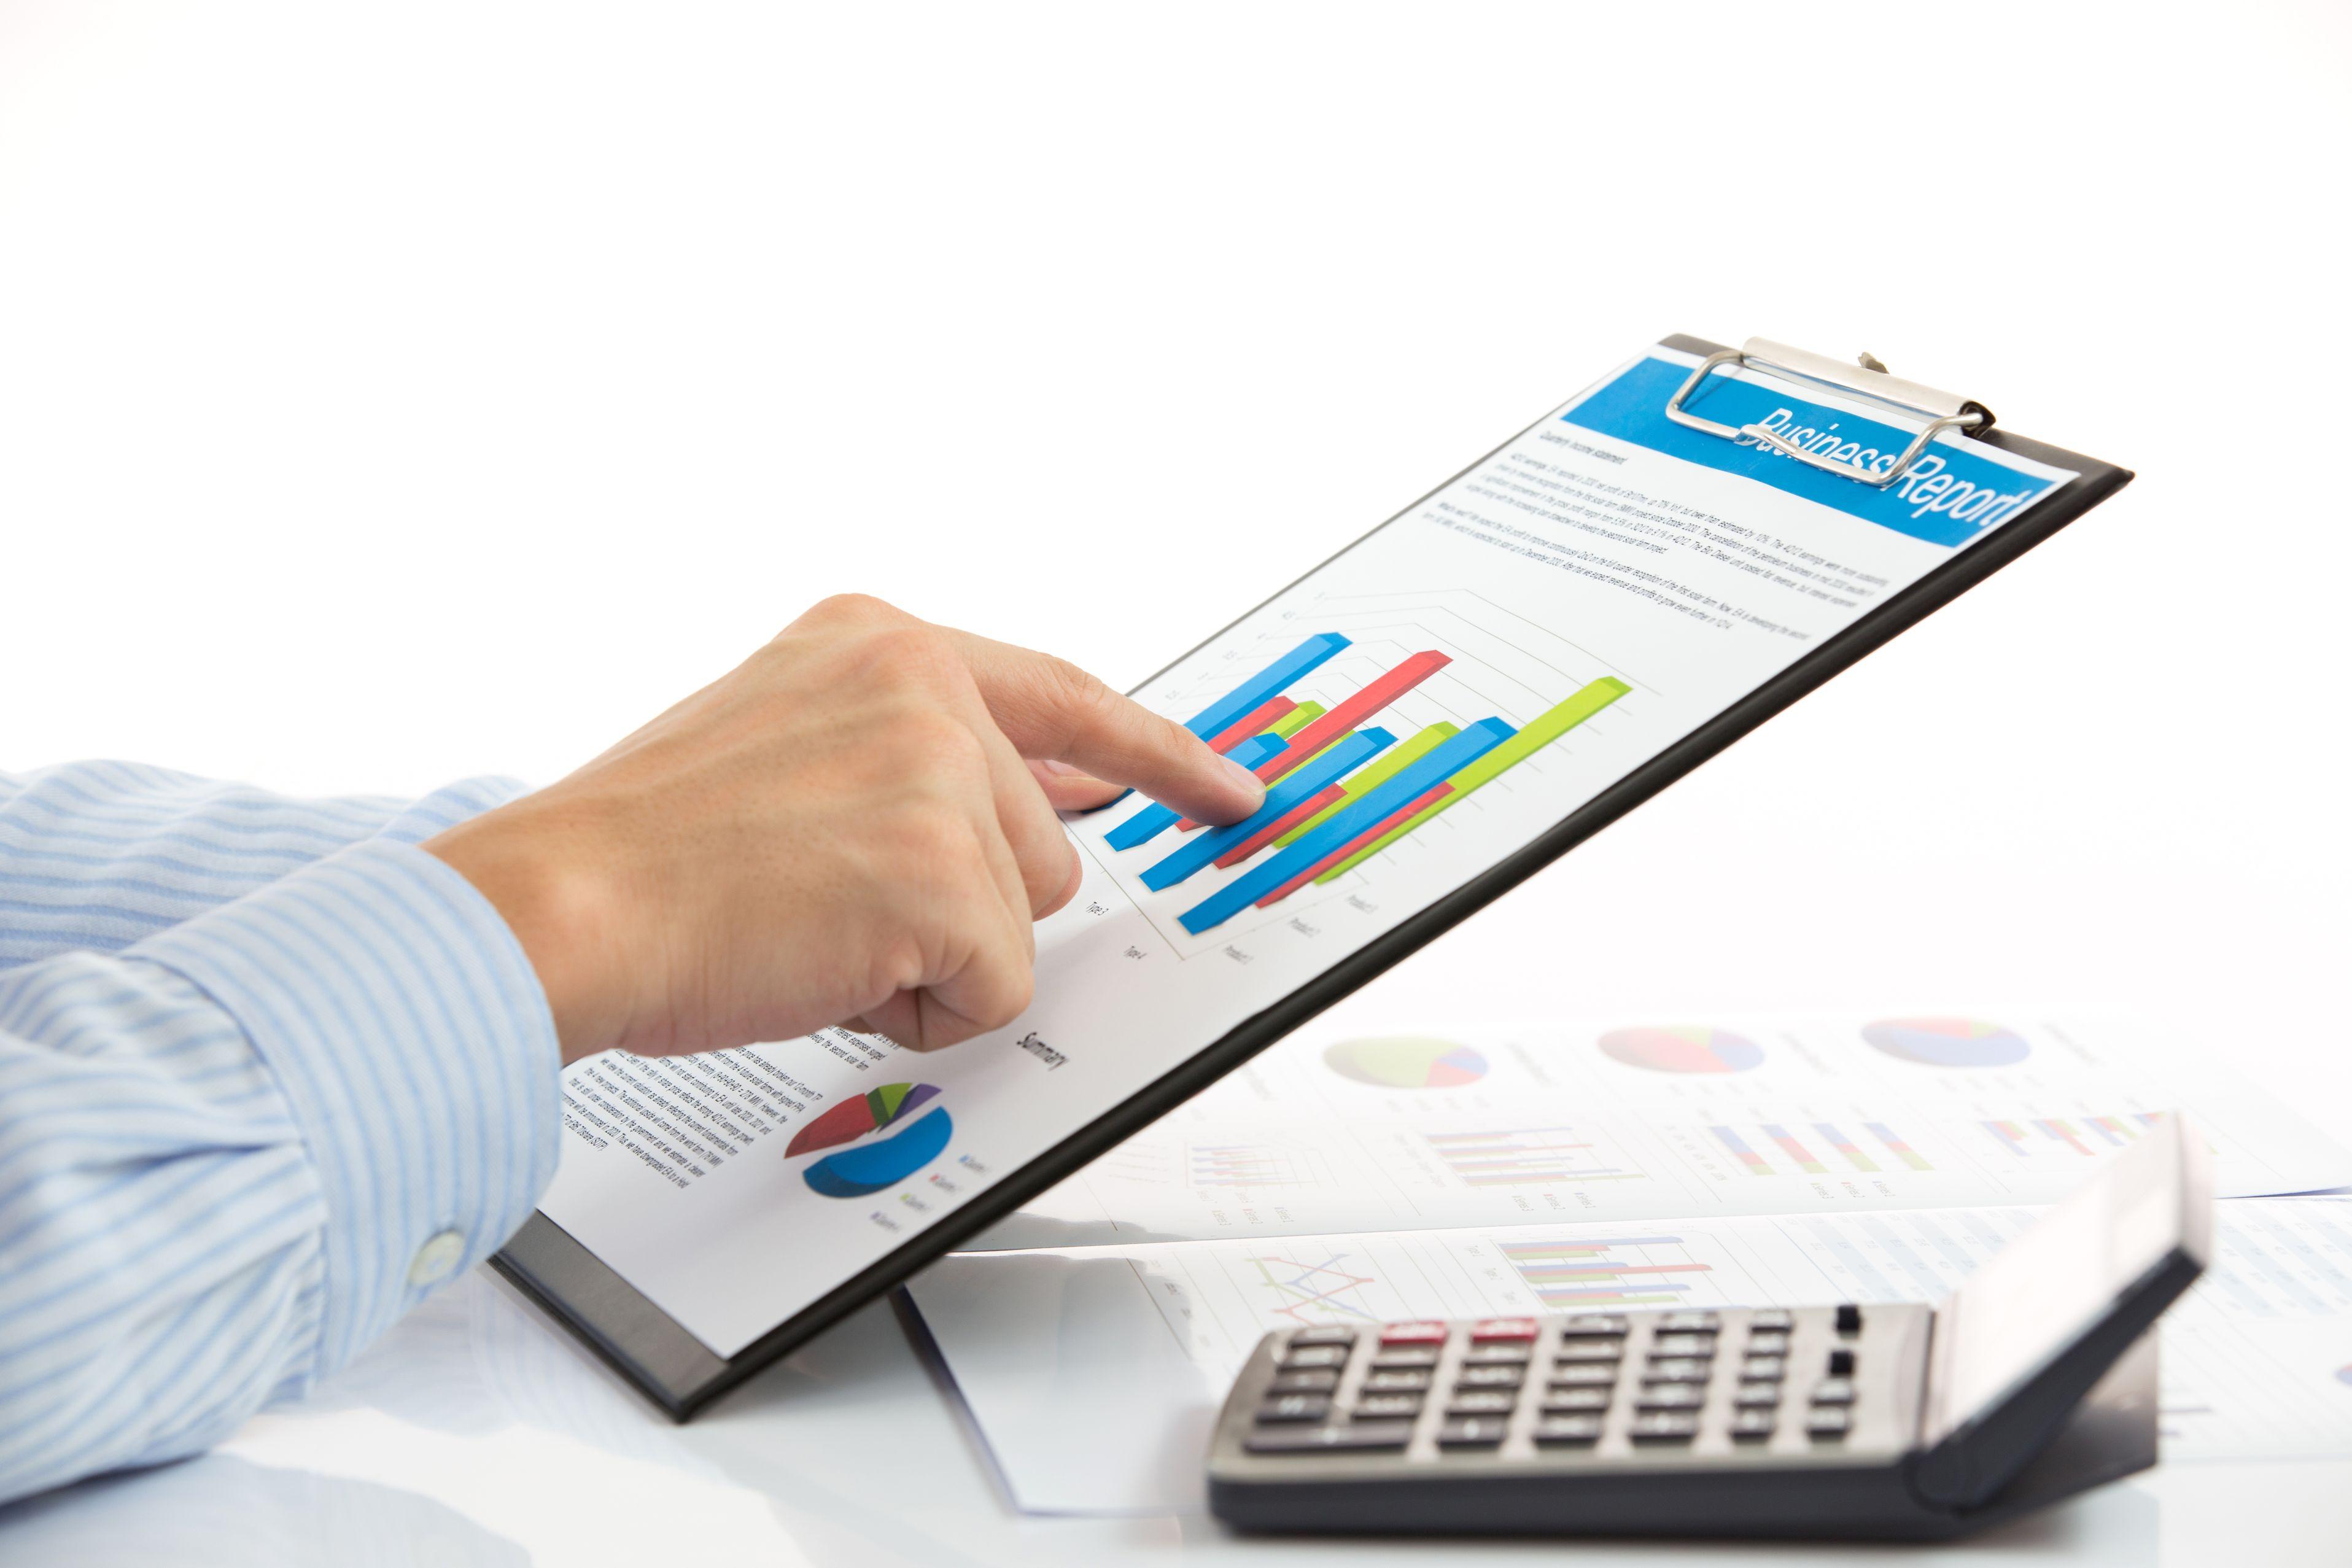 anal%C3%ADtica Analítica web: 5 métricas básicas que debes conocer